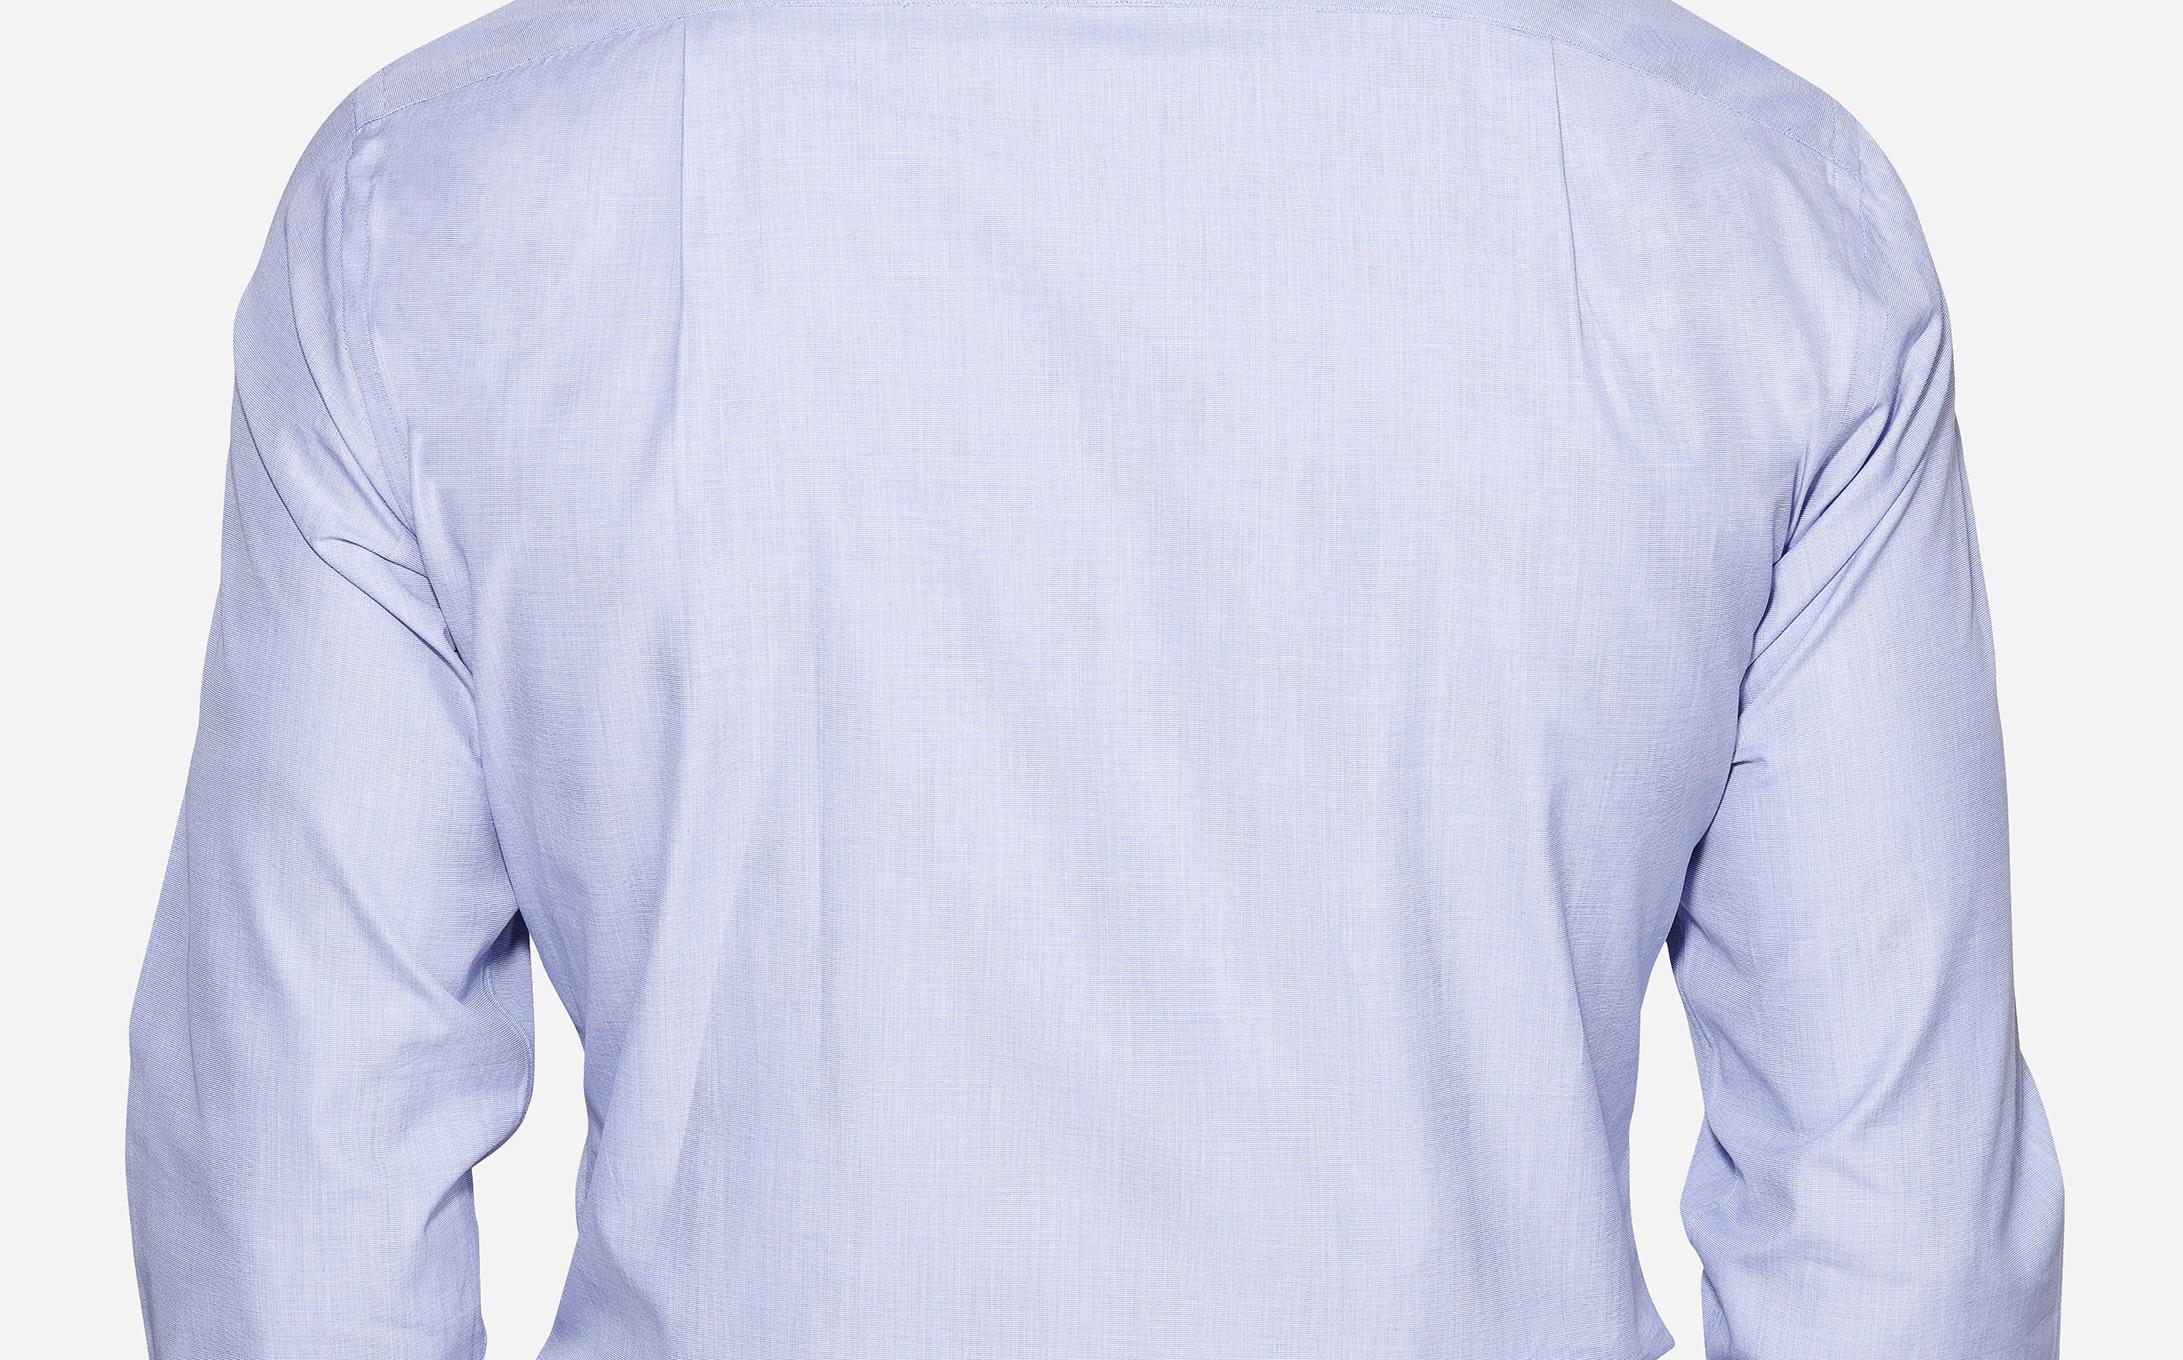 2 Pleats in back - 1 on each side shirt